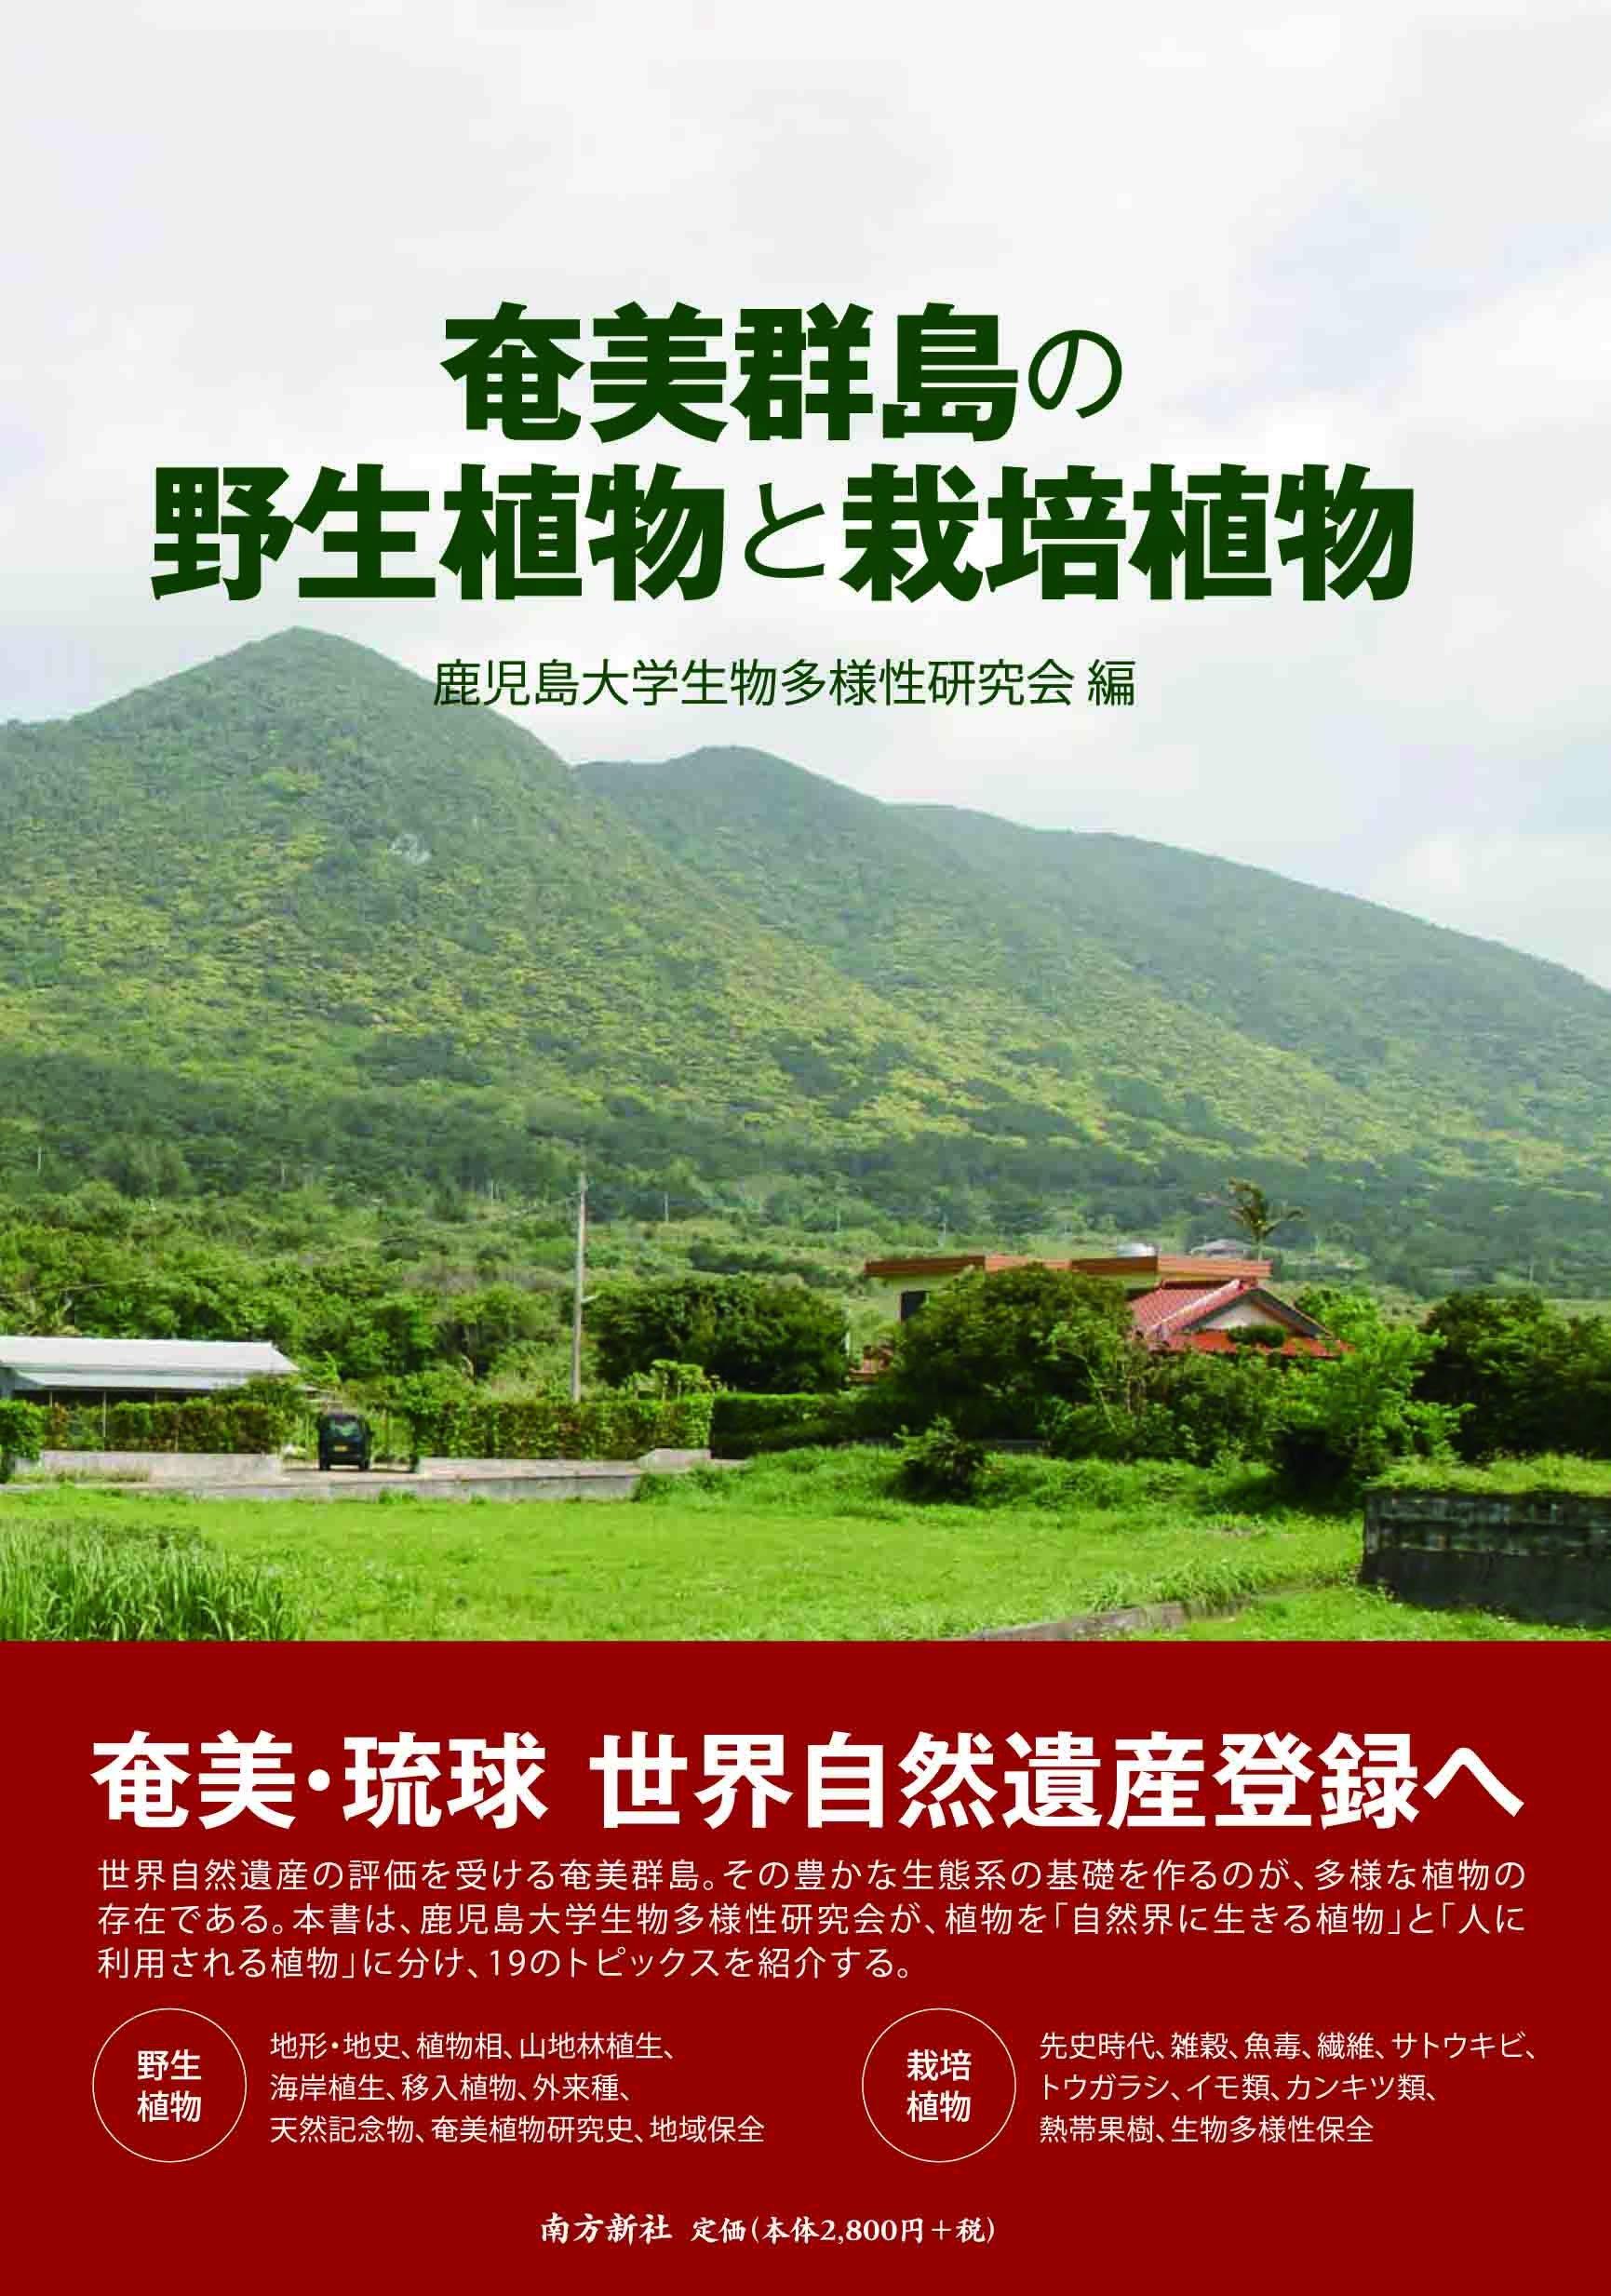 奄美群島の野生植物と栽培植物 |...